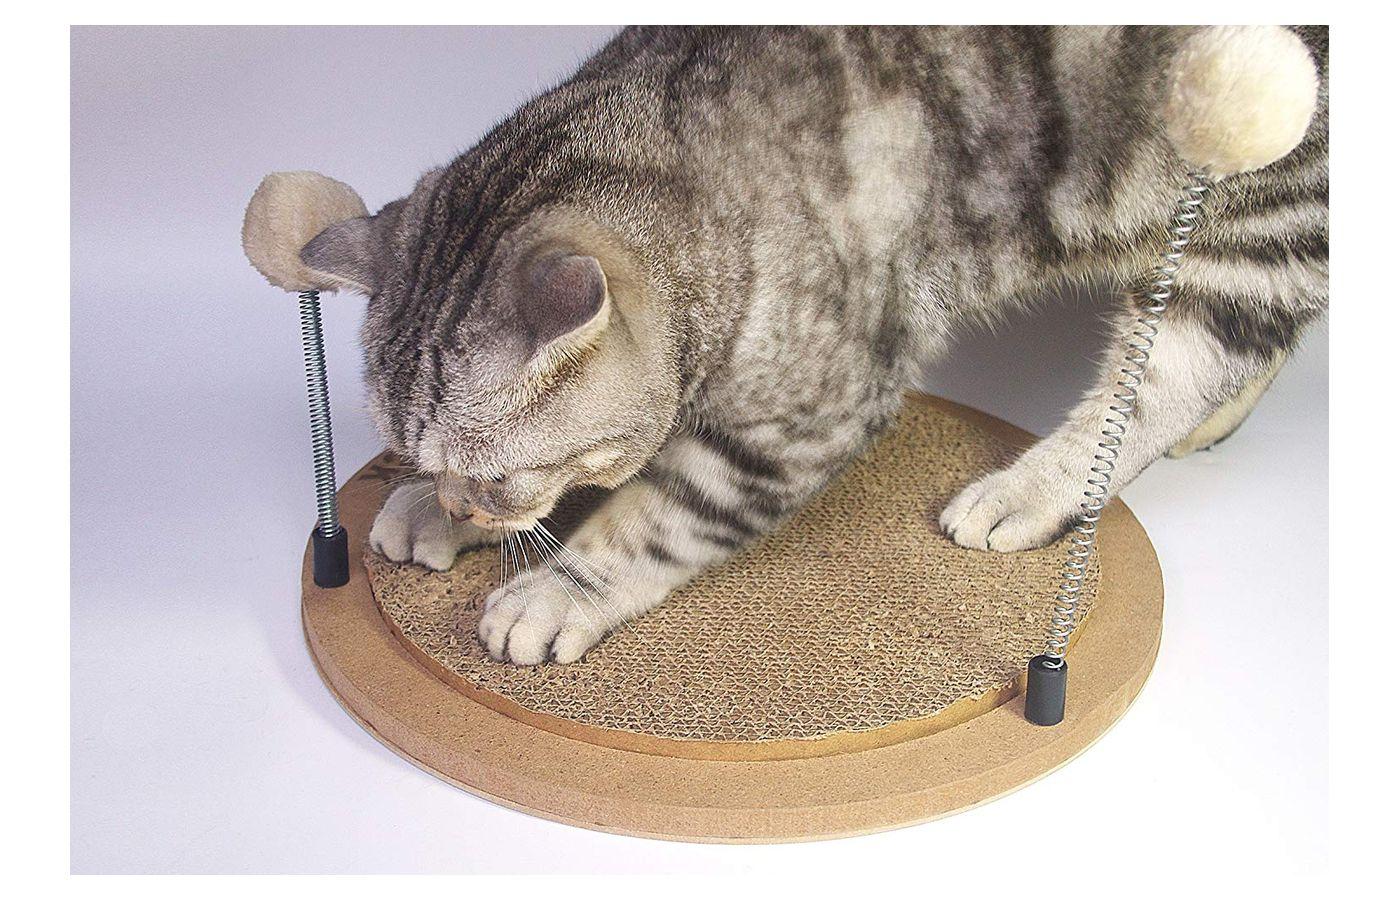 YOOGAO Pet Cat Scratcher/Cat Scratcher Cardboard Spring Cat Toys